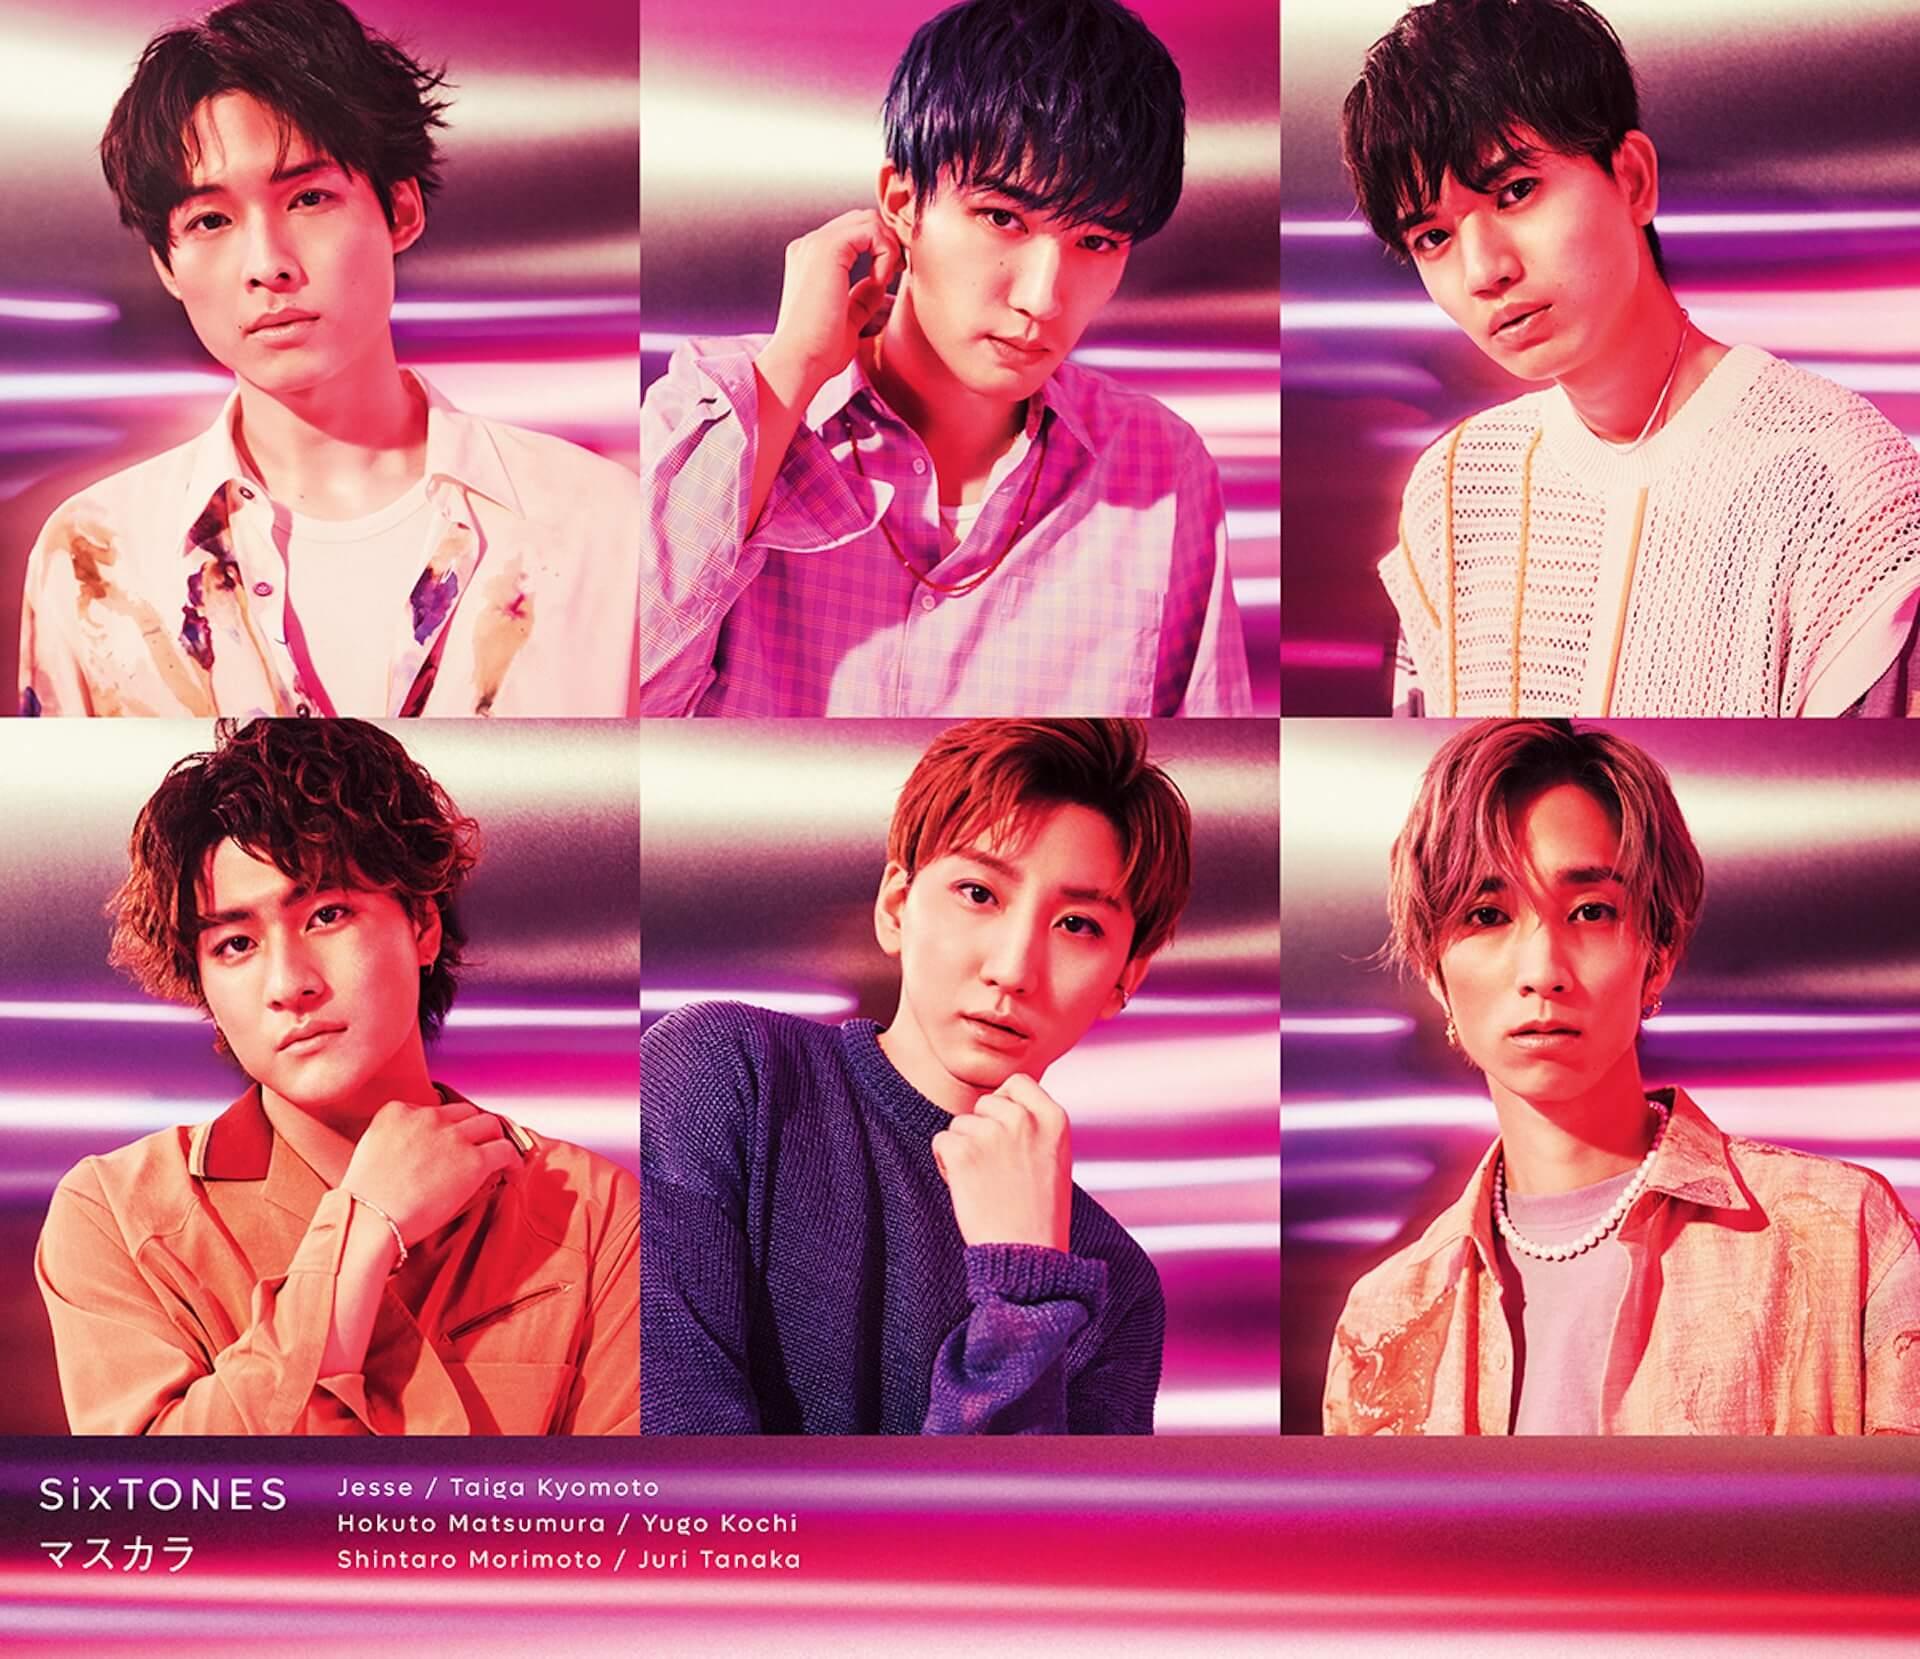 """常田大希による楽曲提供──""""マスカラ""""で、SixTONESが魅せる「アイドルの新しいクリエイティビティ」 column210721_sixtones-daiki-tsuneta-03"""